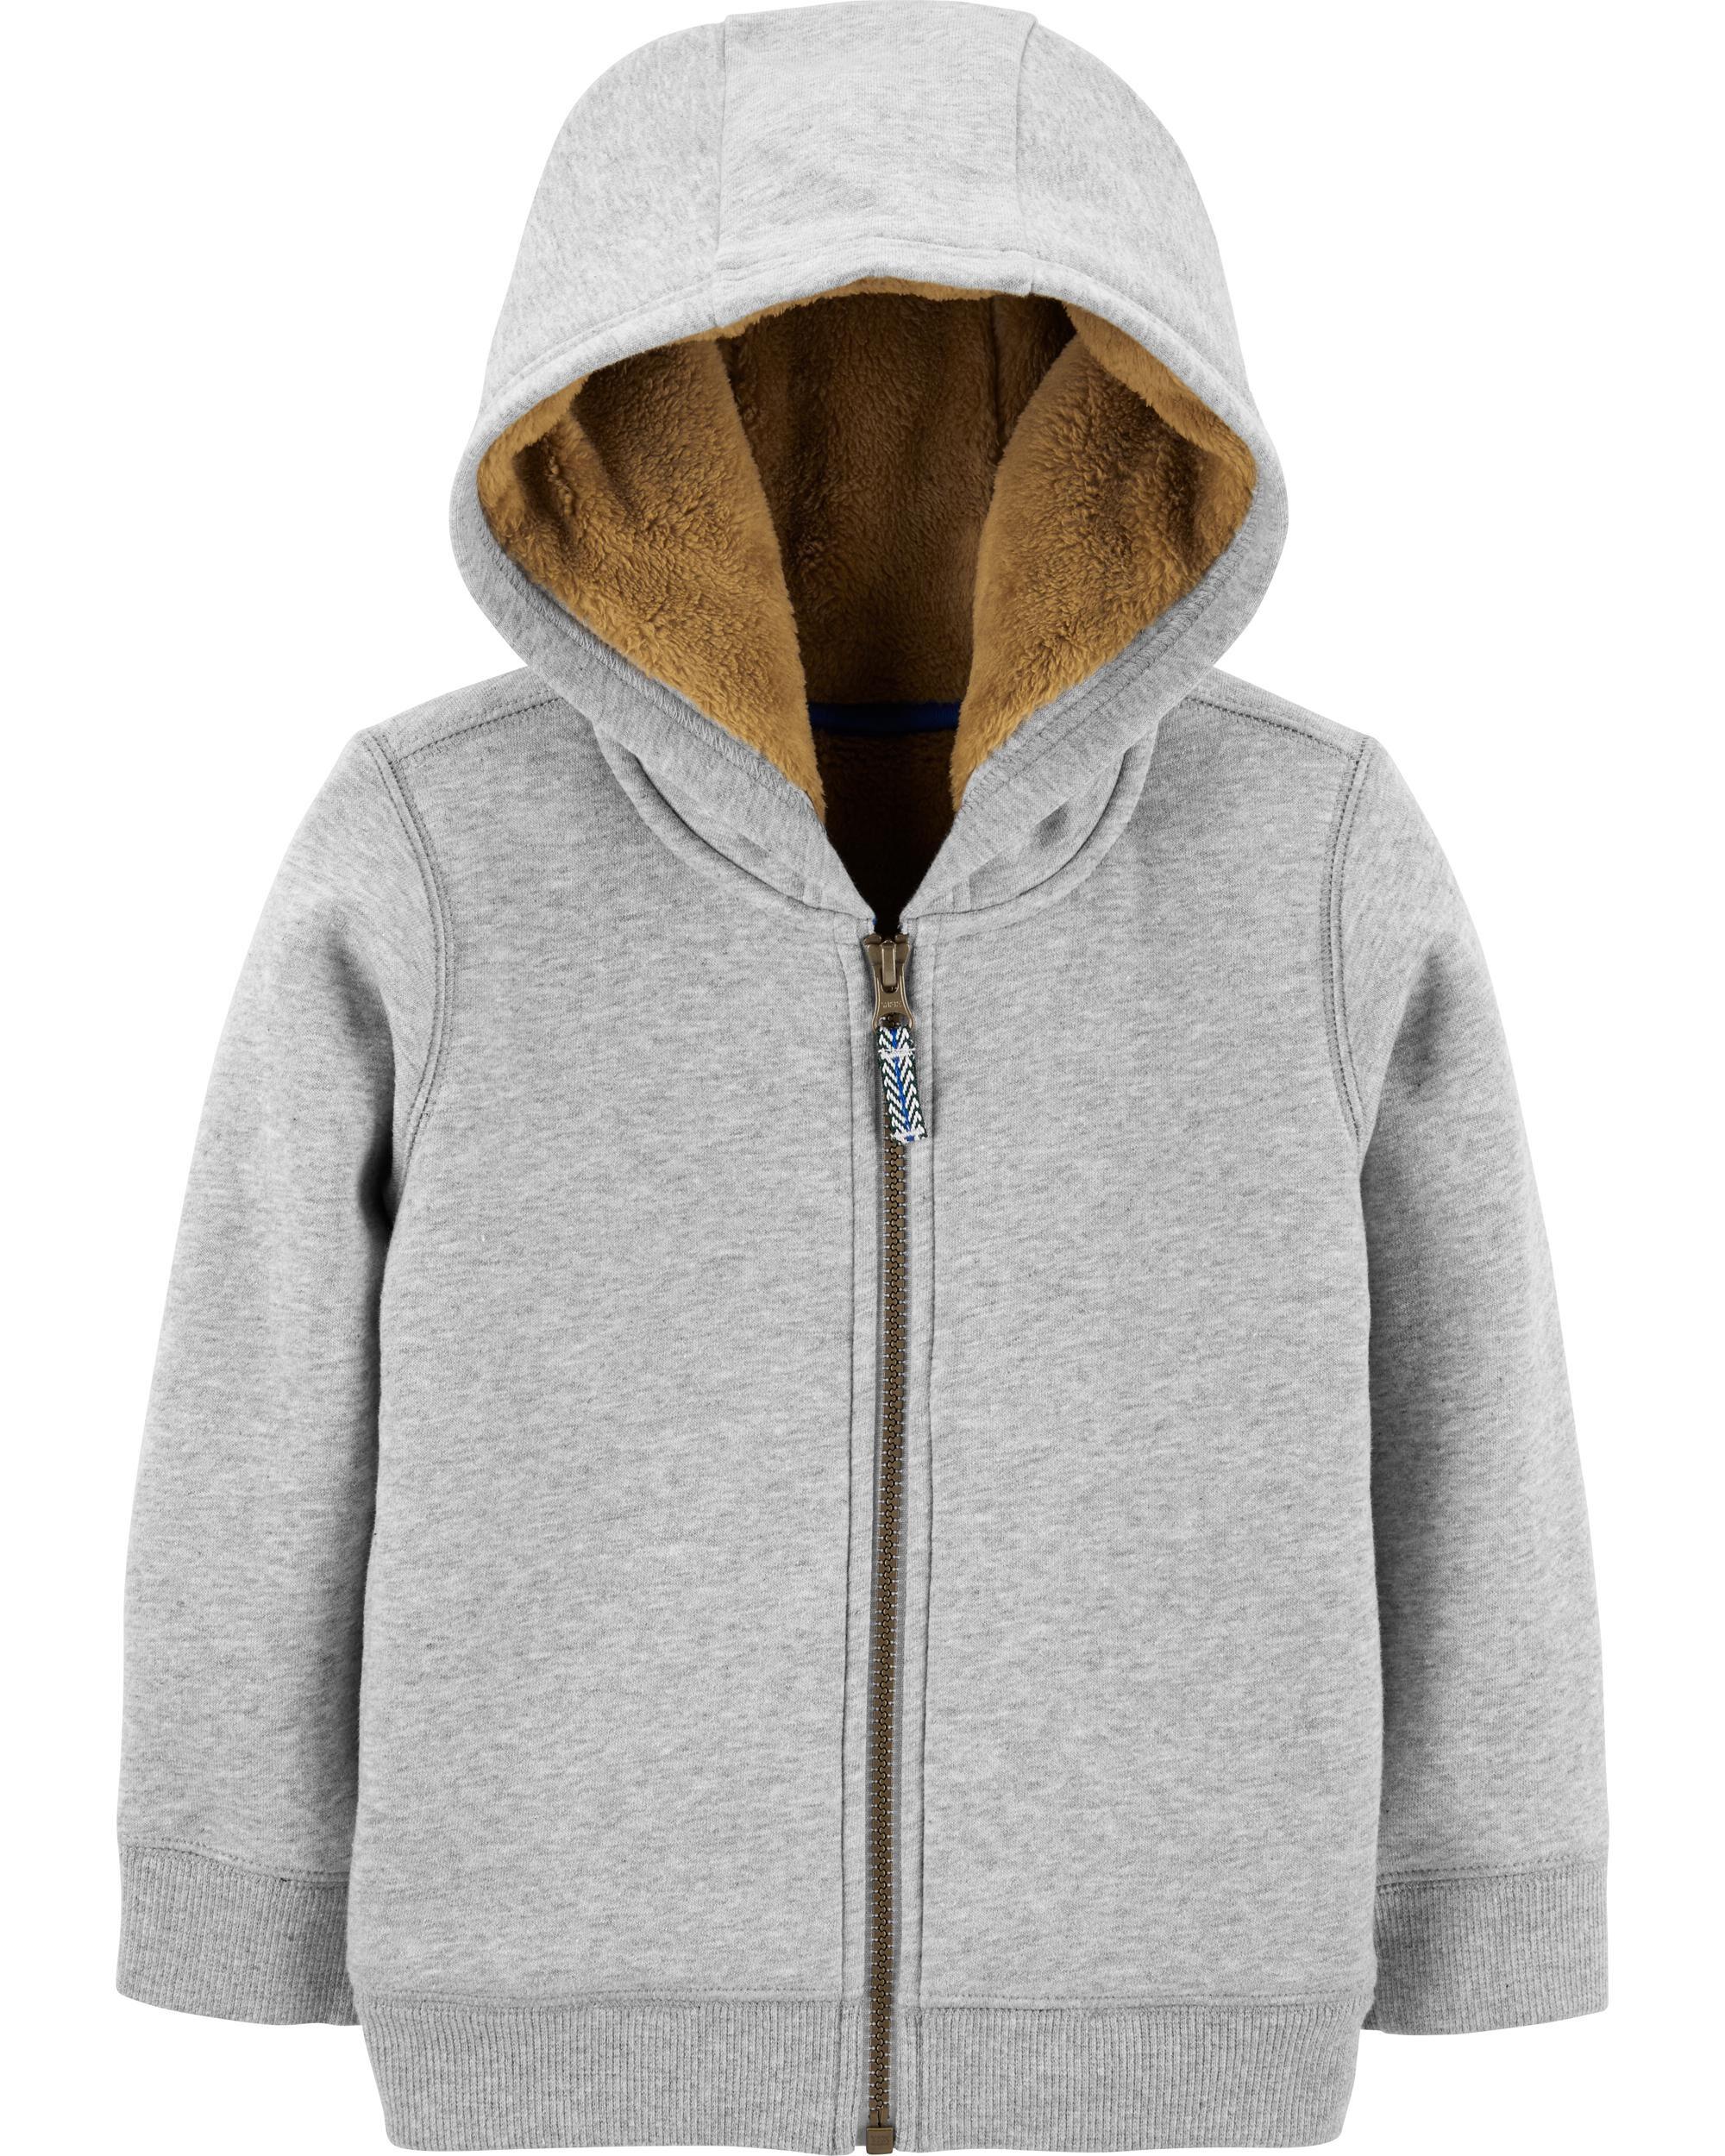 *CLEARANCE* Zip-Up Fleece-Lined Hoodie